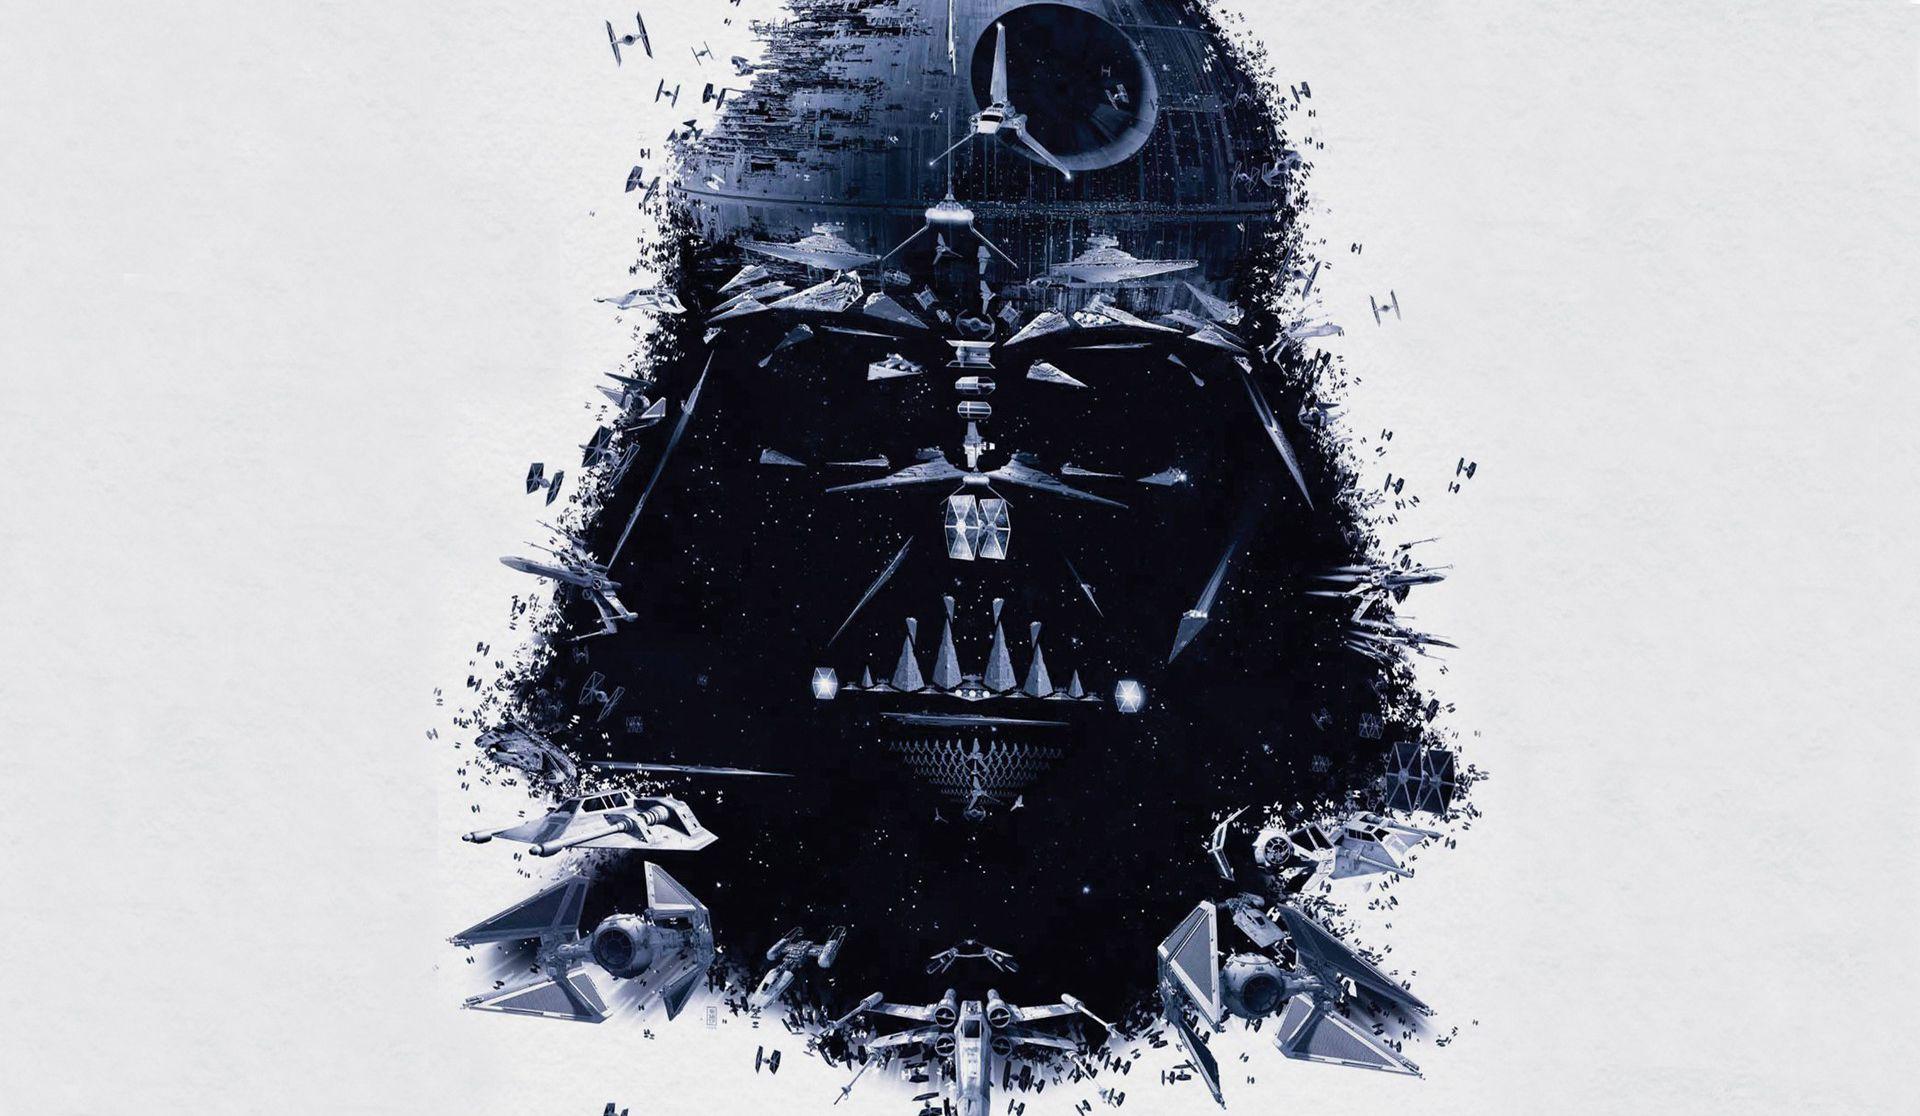 Star Wars Minimalist hd wallpaper 1080